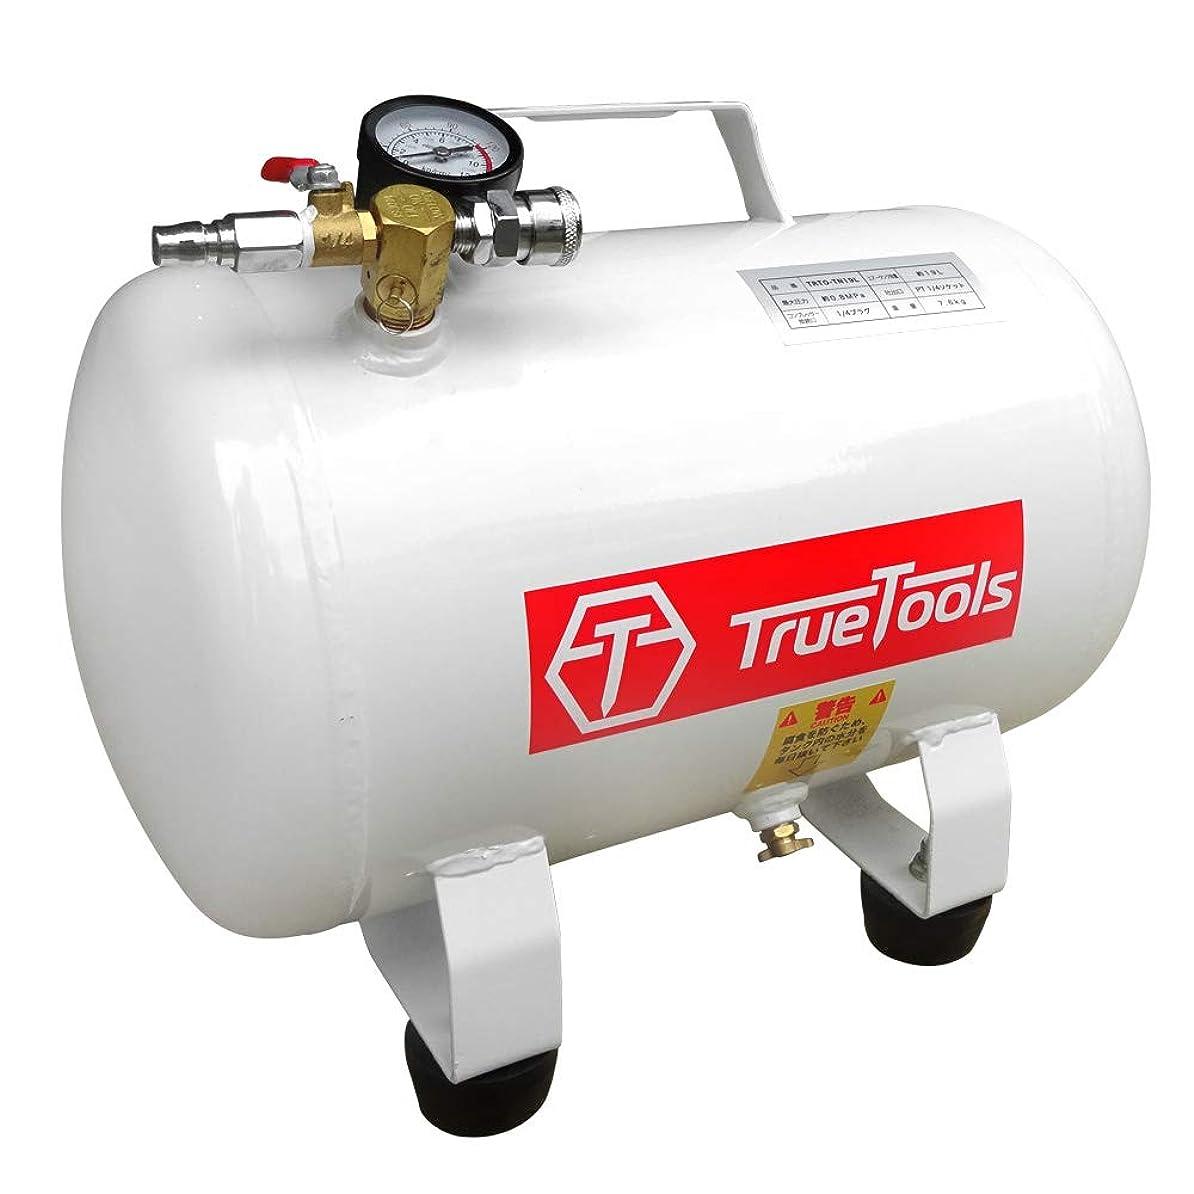 幻想的節約器具TrueTools エアーコンプレッサー用 補助タンク 19L TRTO-TN19L